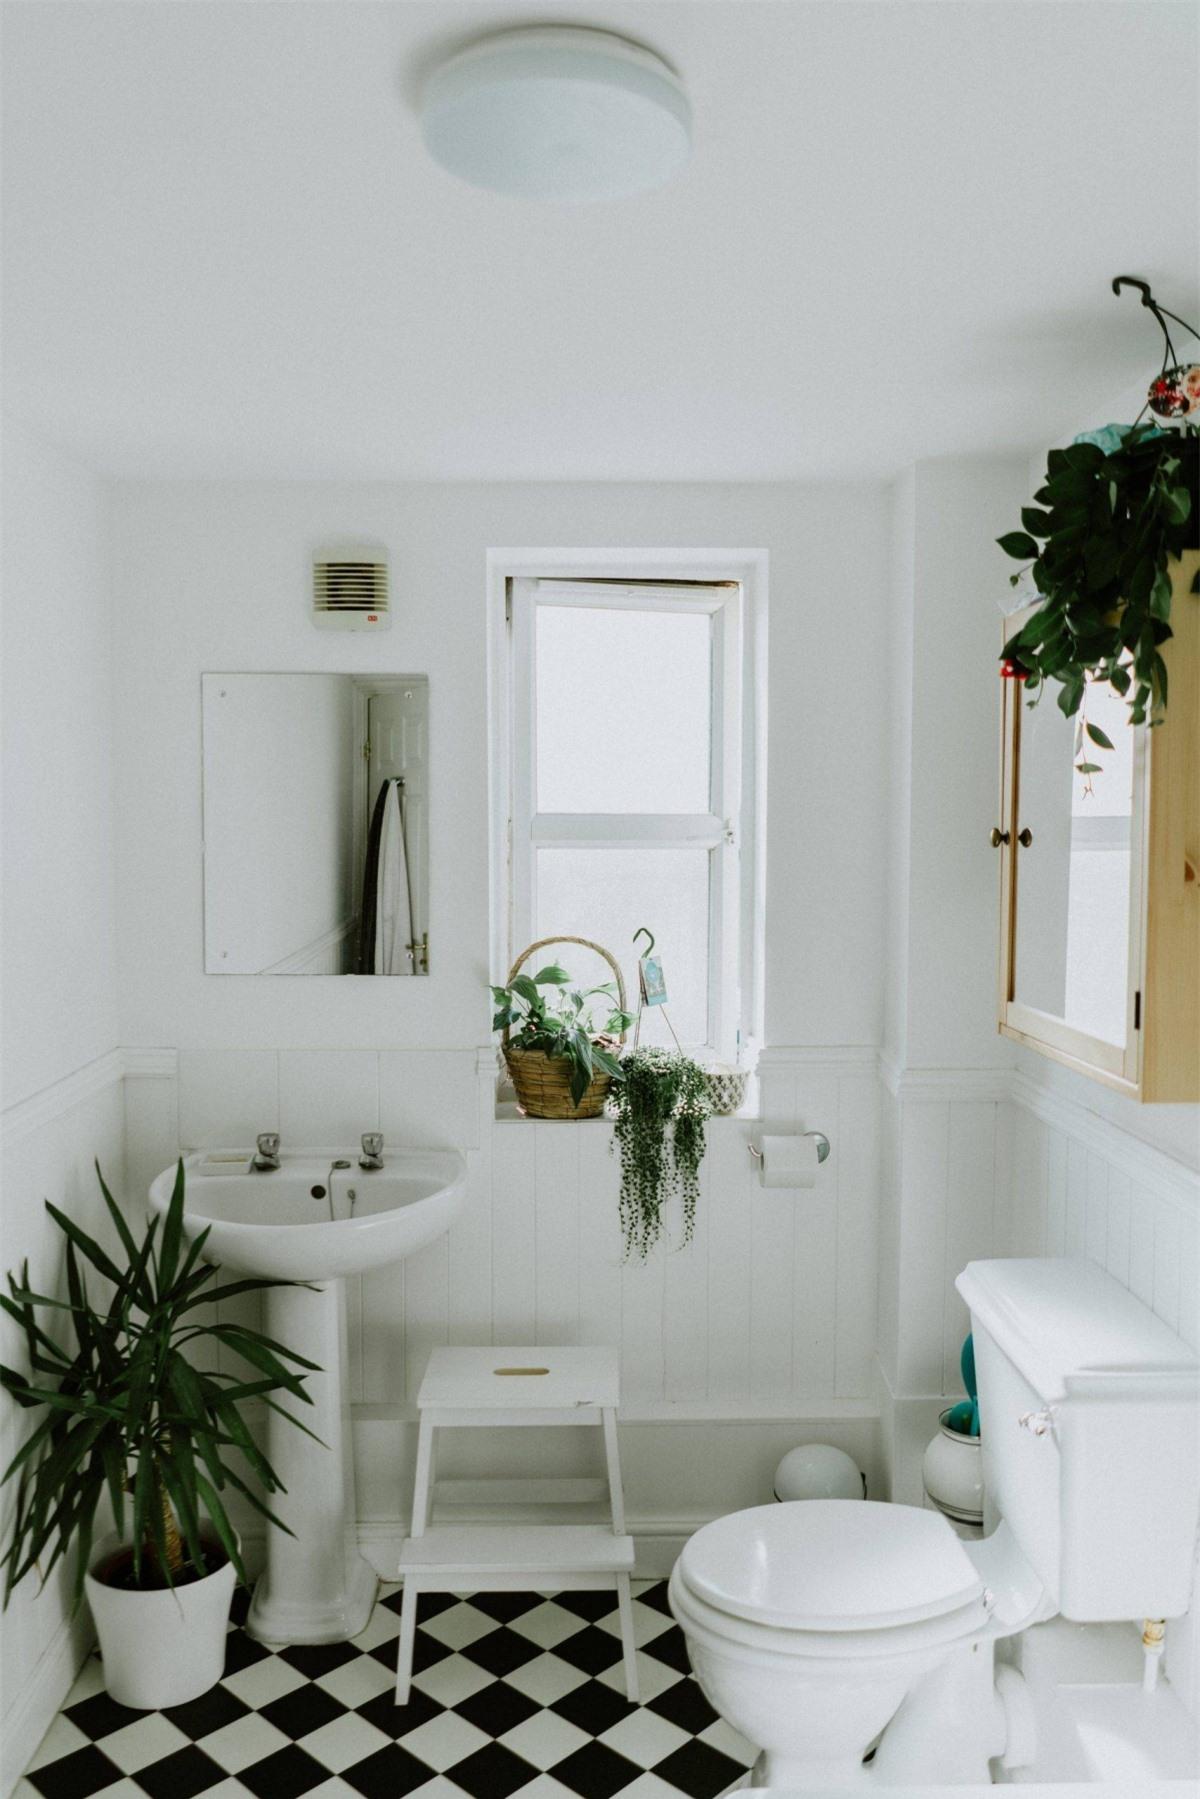 Màu trắng có lẽ là sự lựa chọn của khá nhiều gia chủ bởi mang lại một không gian mát mẻ và thanh lịch.